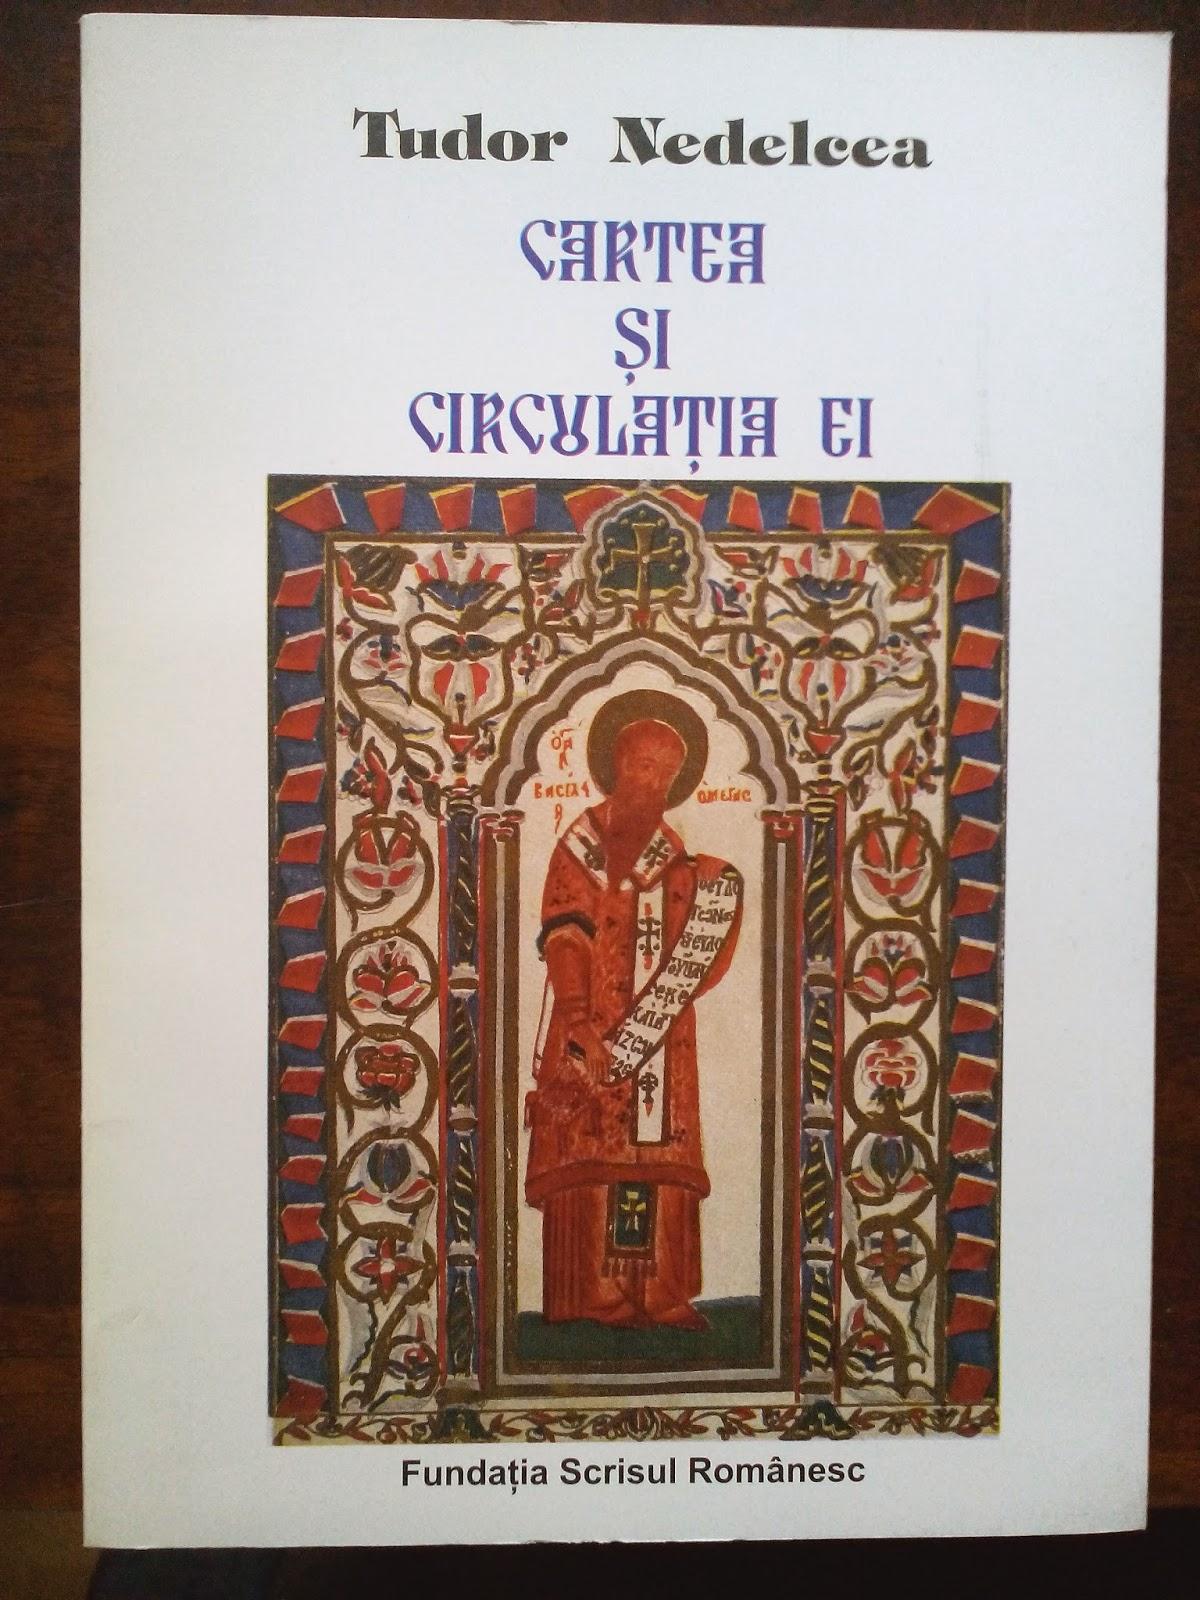 Tudor Nedelcea - Cartea si circulatia ei